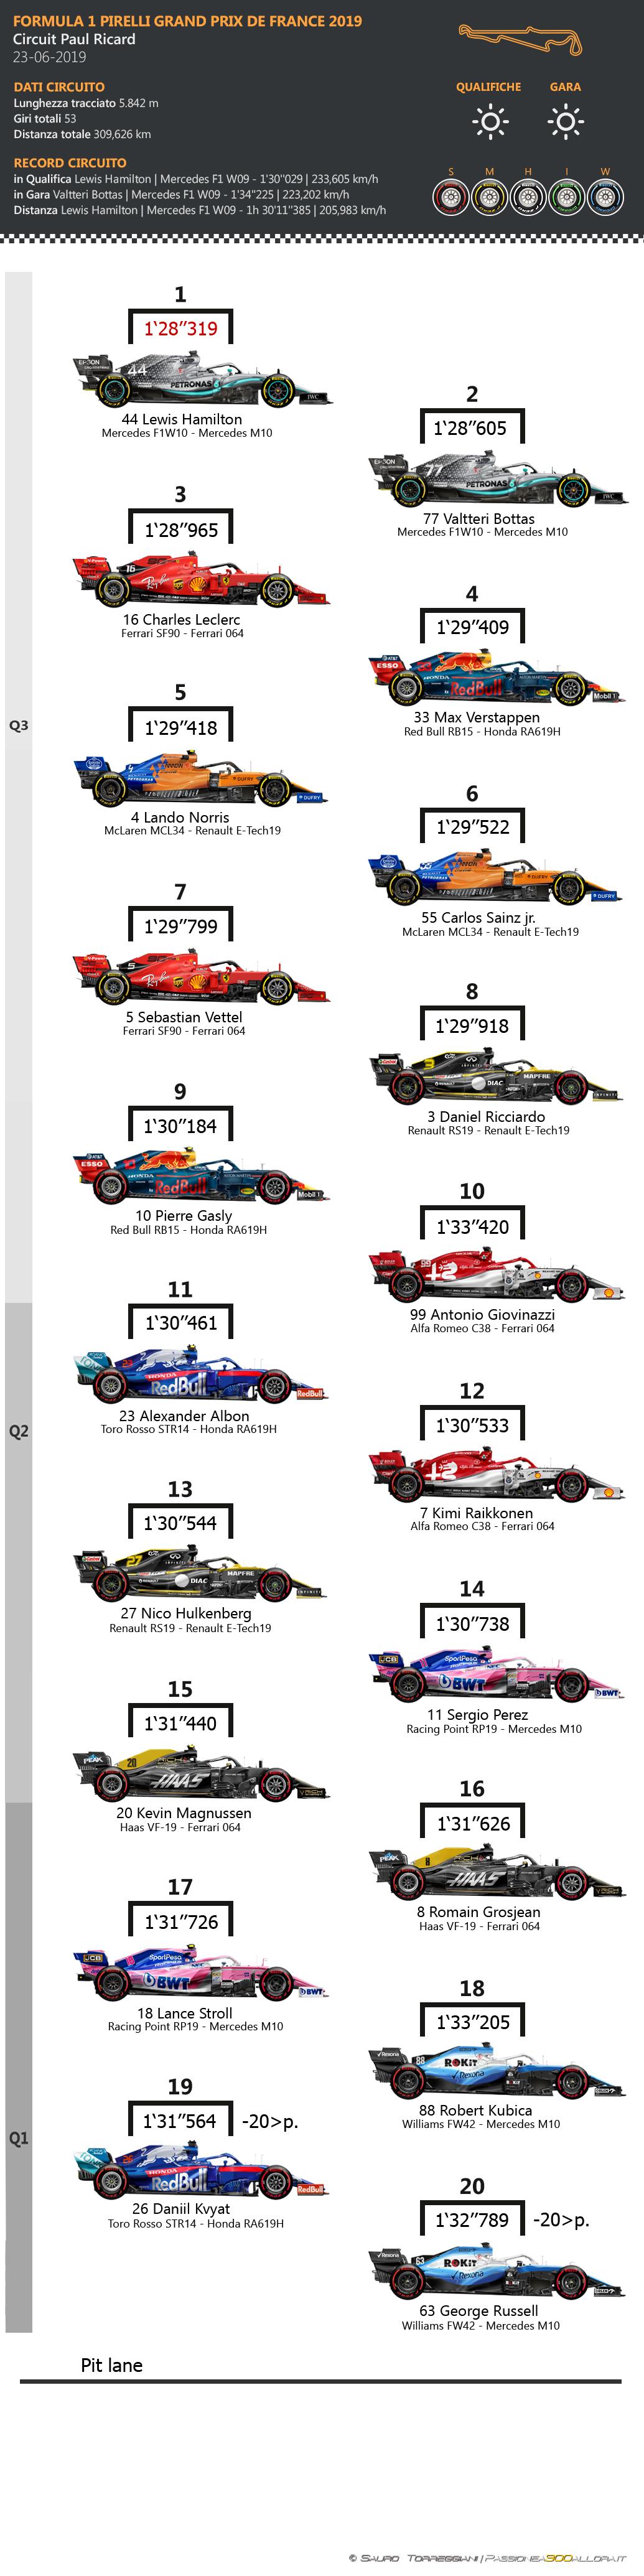 F1 | GP di Francia 2019: griglia di partenza, penalità e set a disposizione 1